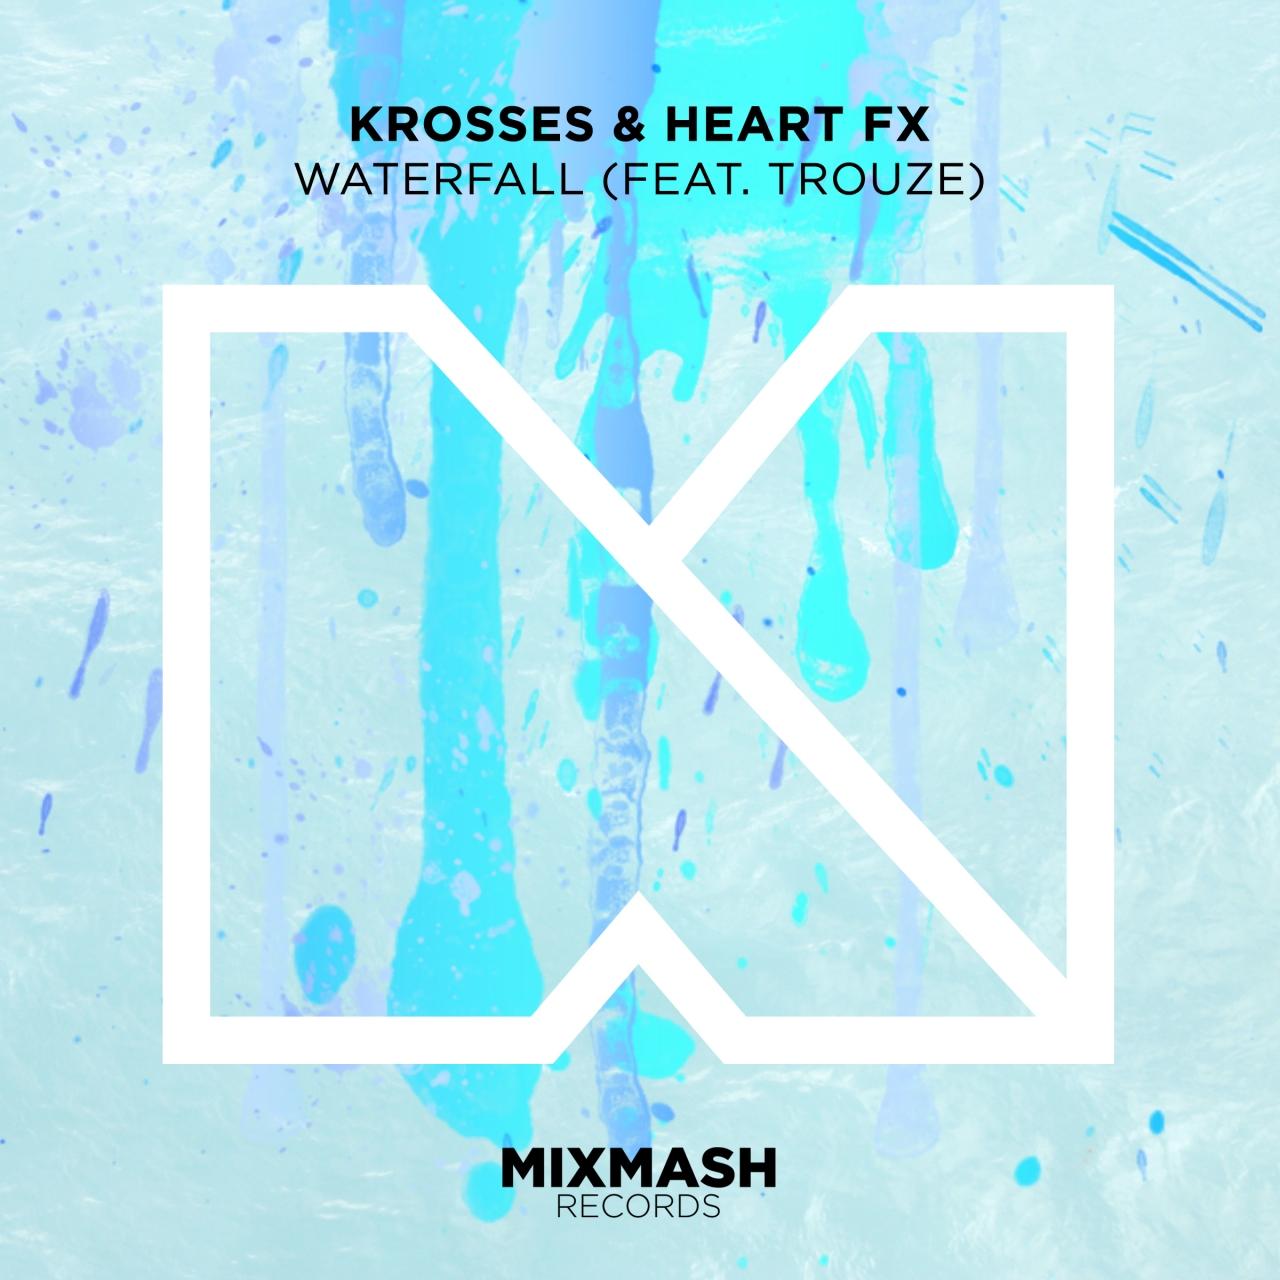 Krosses & Heart FX - Waterfall (ft. Trouze)